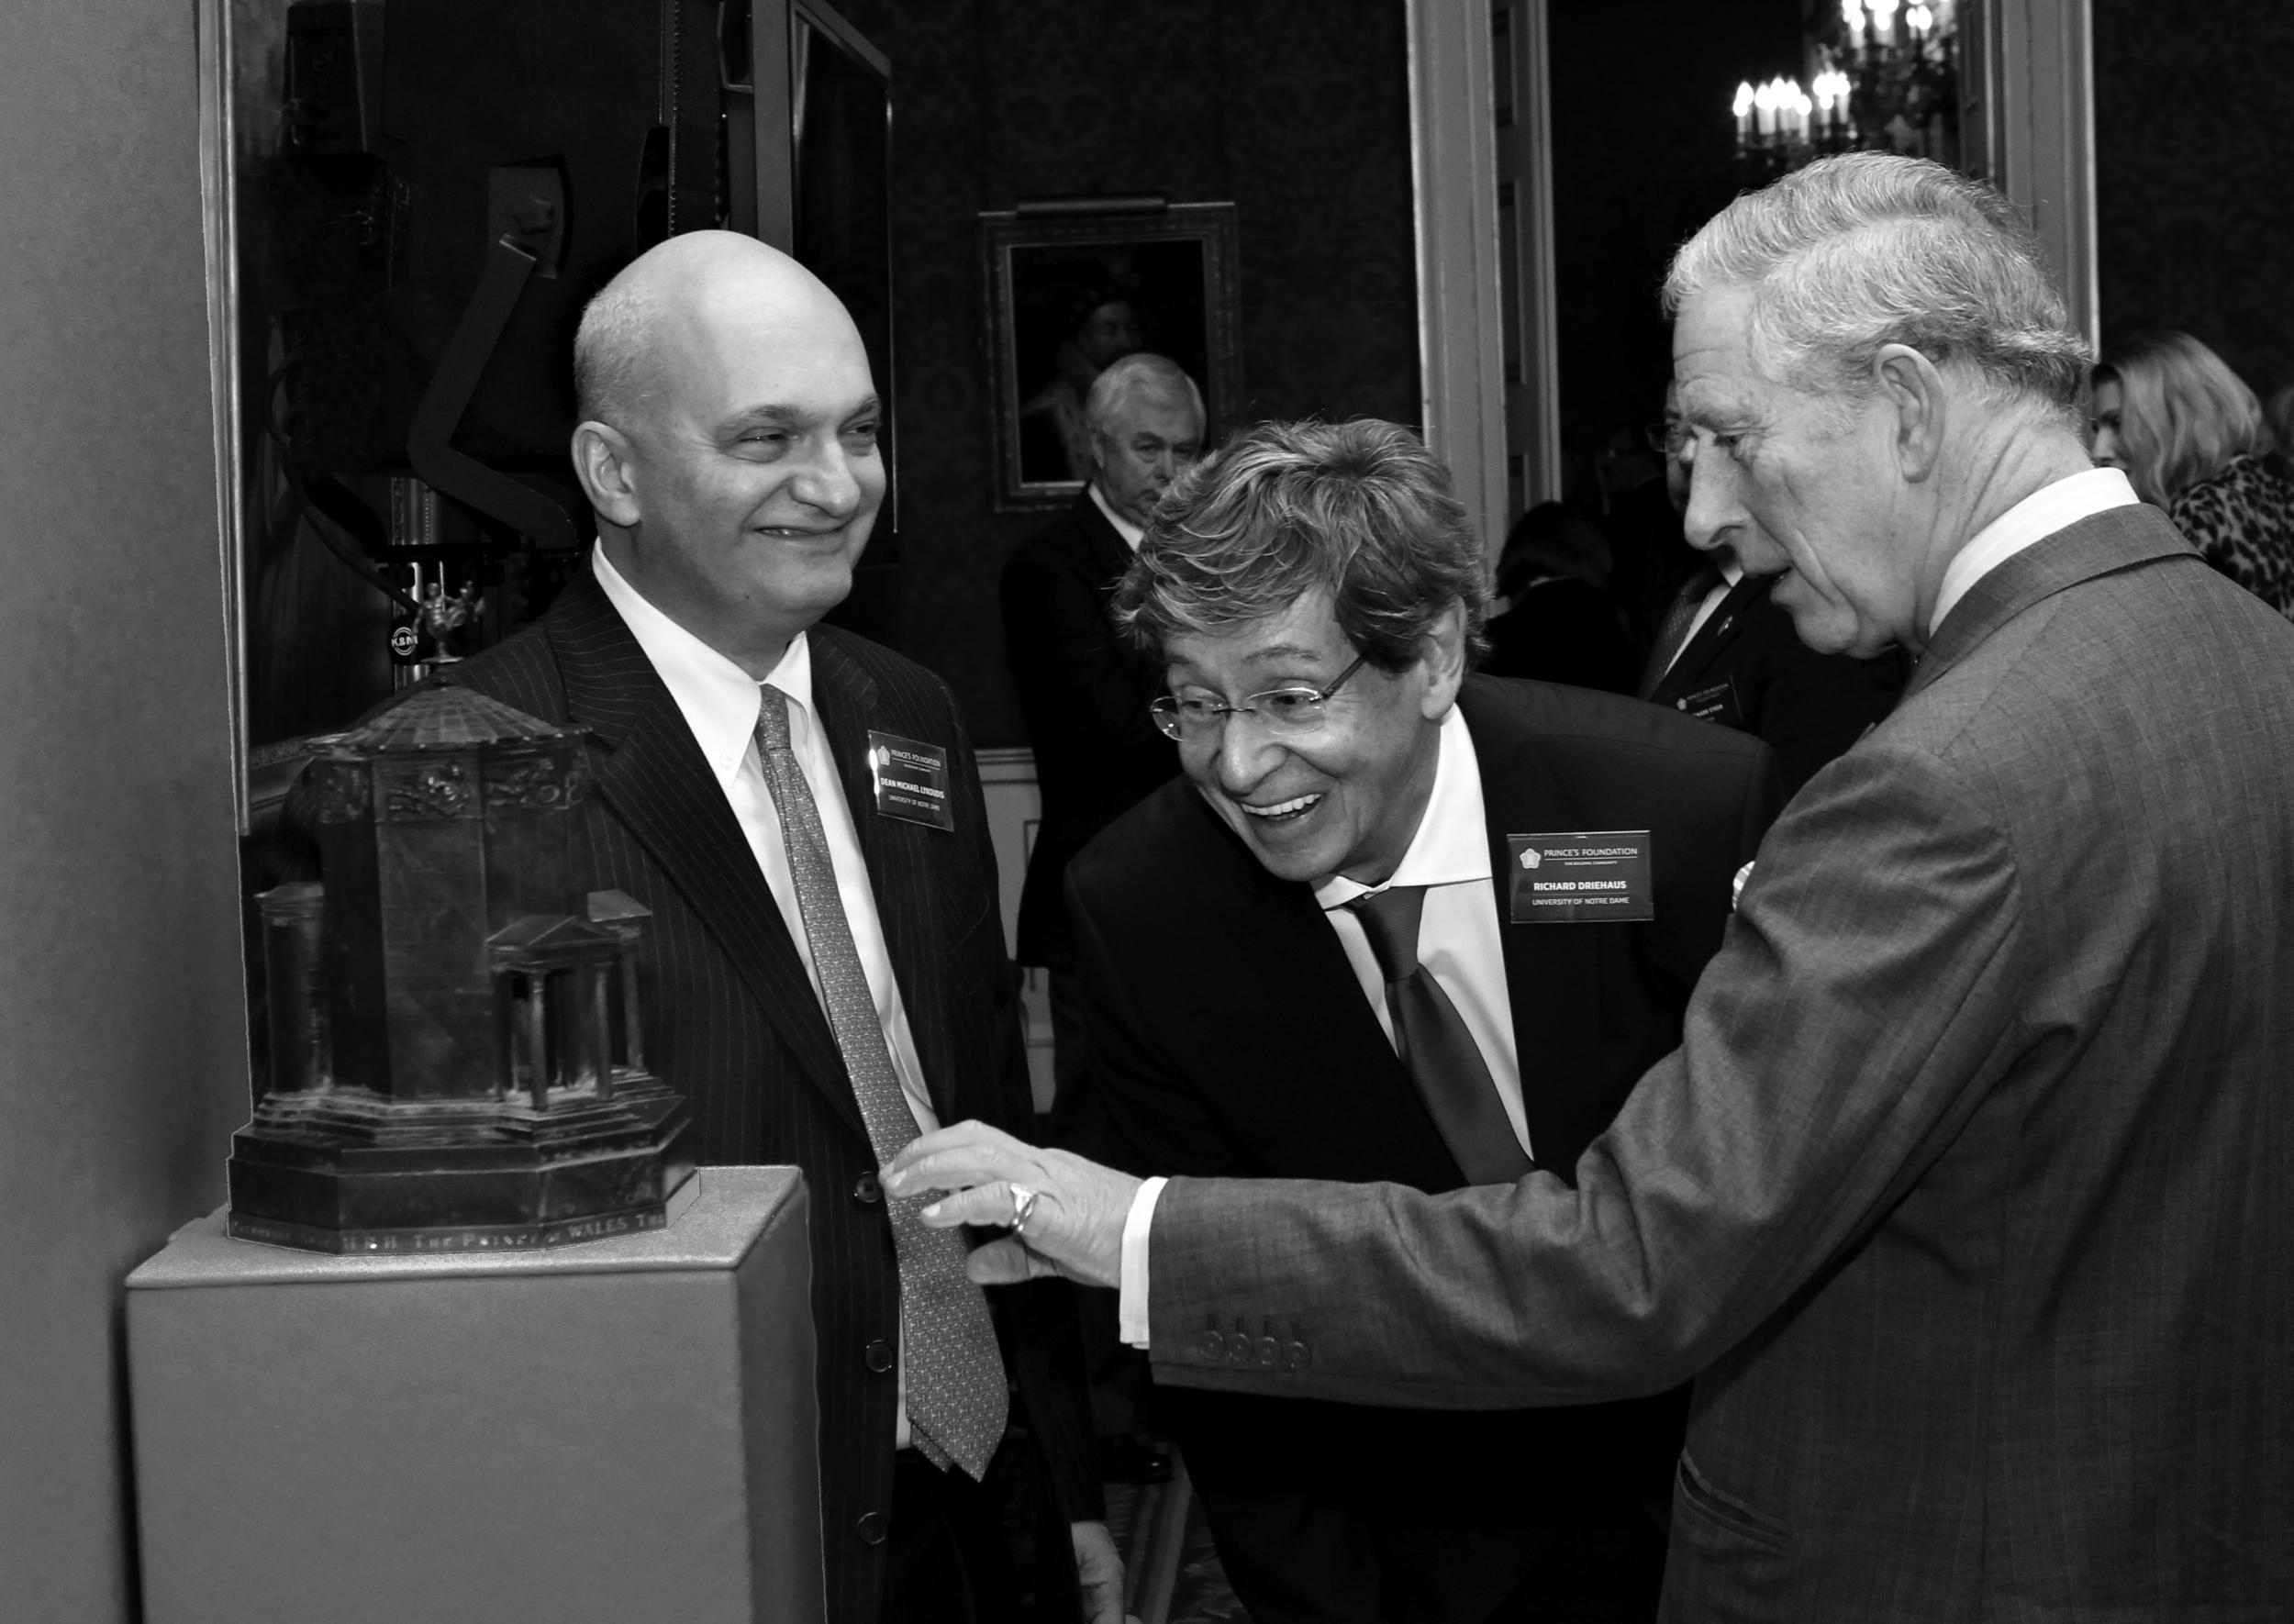 Driehaus_Prize_Patronage_Award_1.27.12.jpg